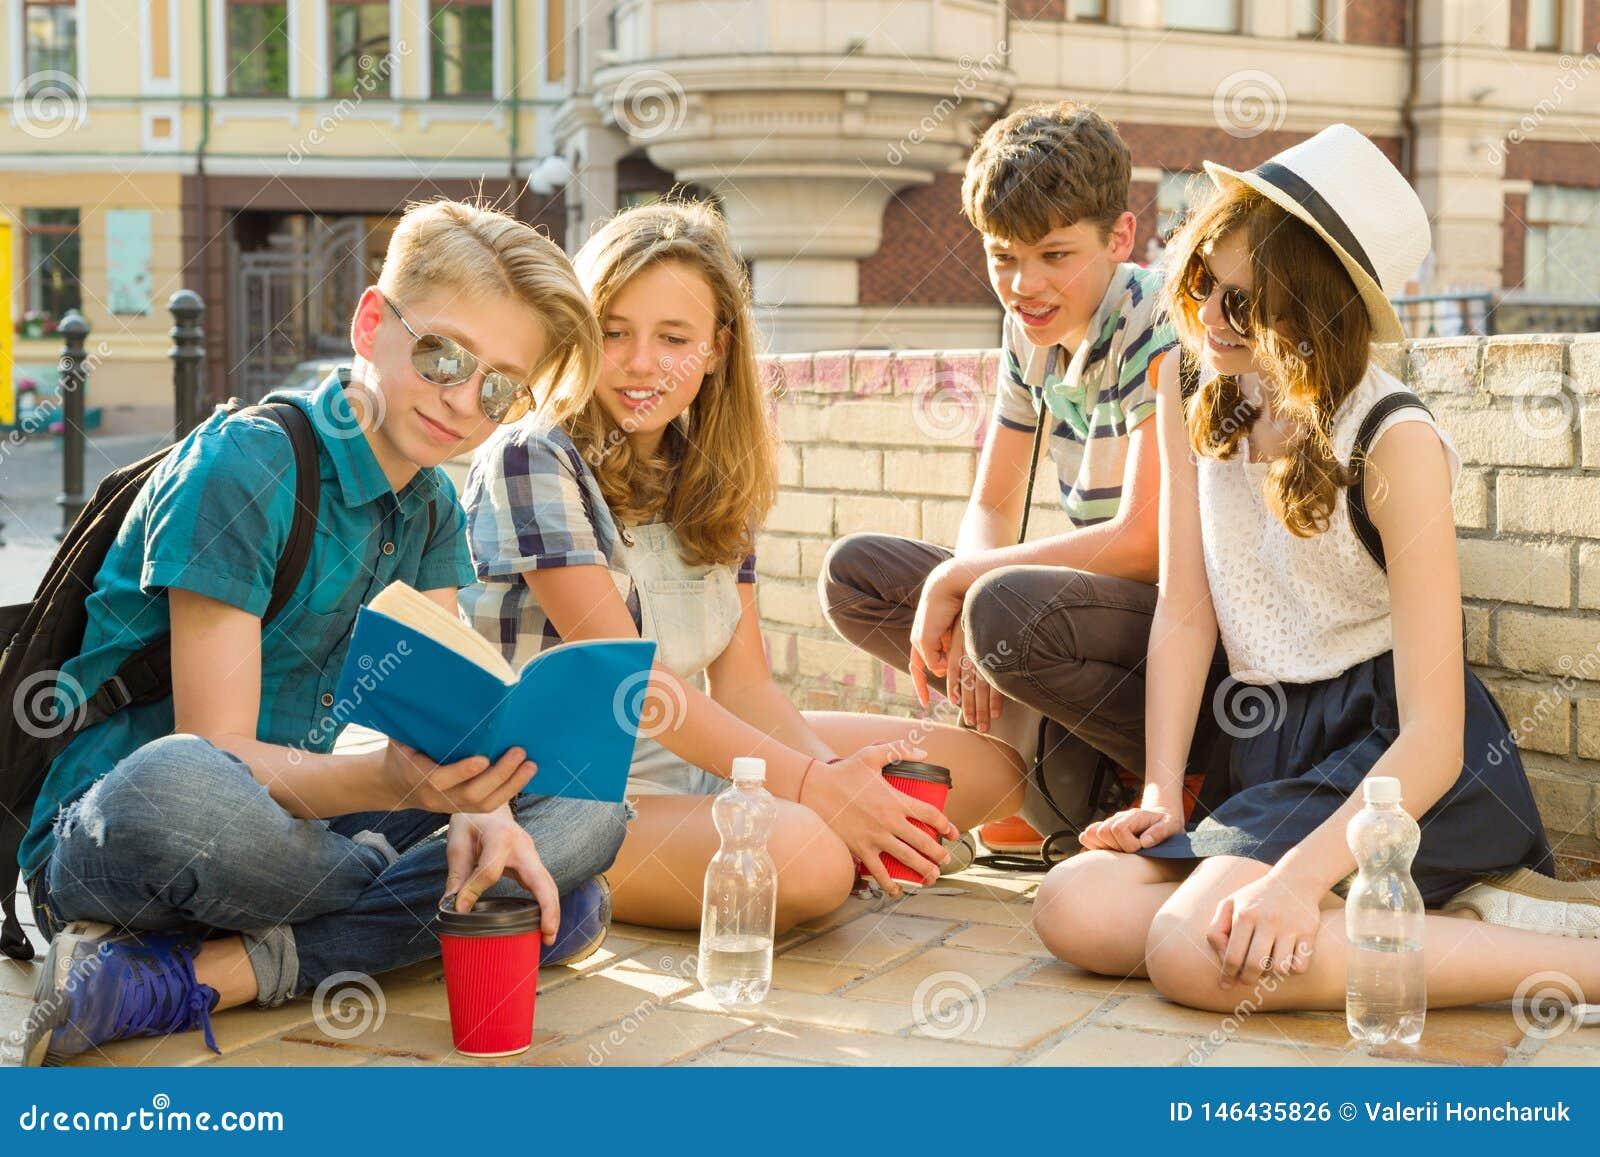 Szcz??liwy 4 nastoletniego przyjaciela lub szko?a ?rednia ucznie czyta telefon maj? zabaw?, opowiadaj?cy, ksi??ka Przyja?? i ludz